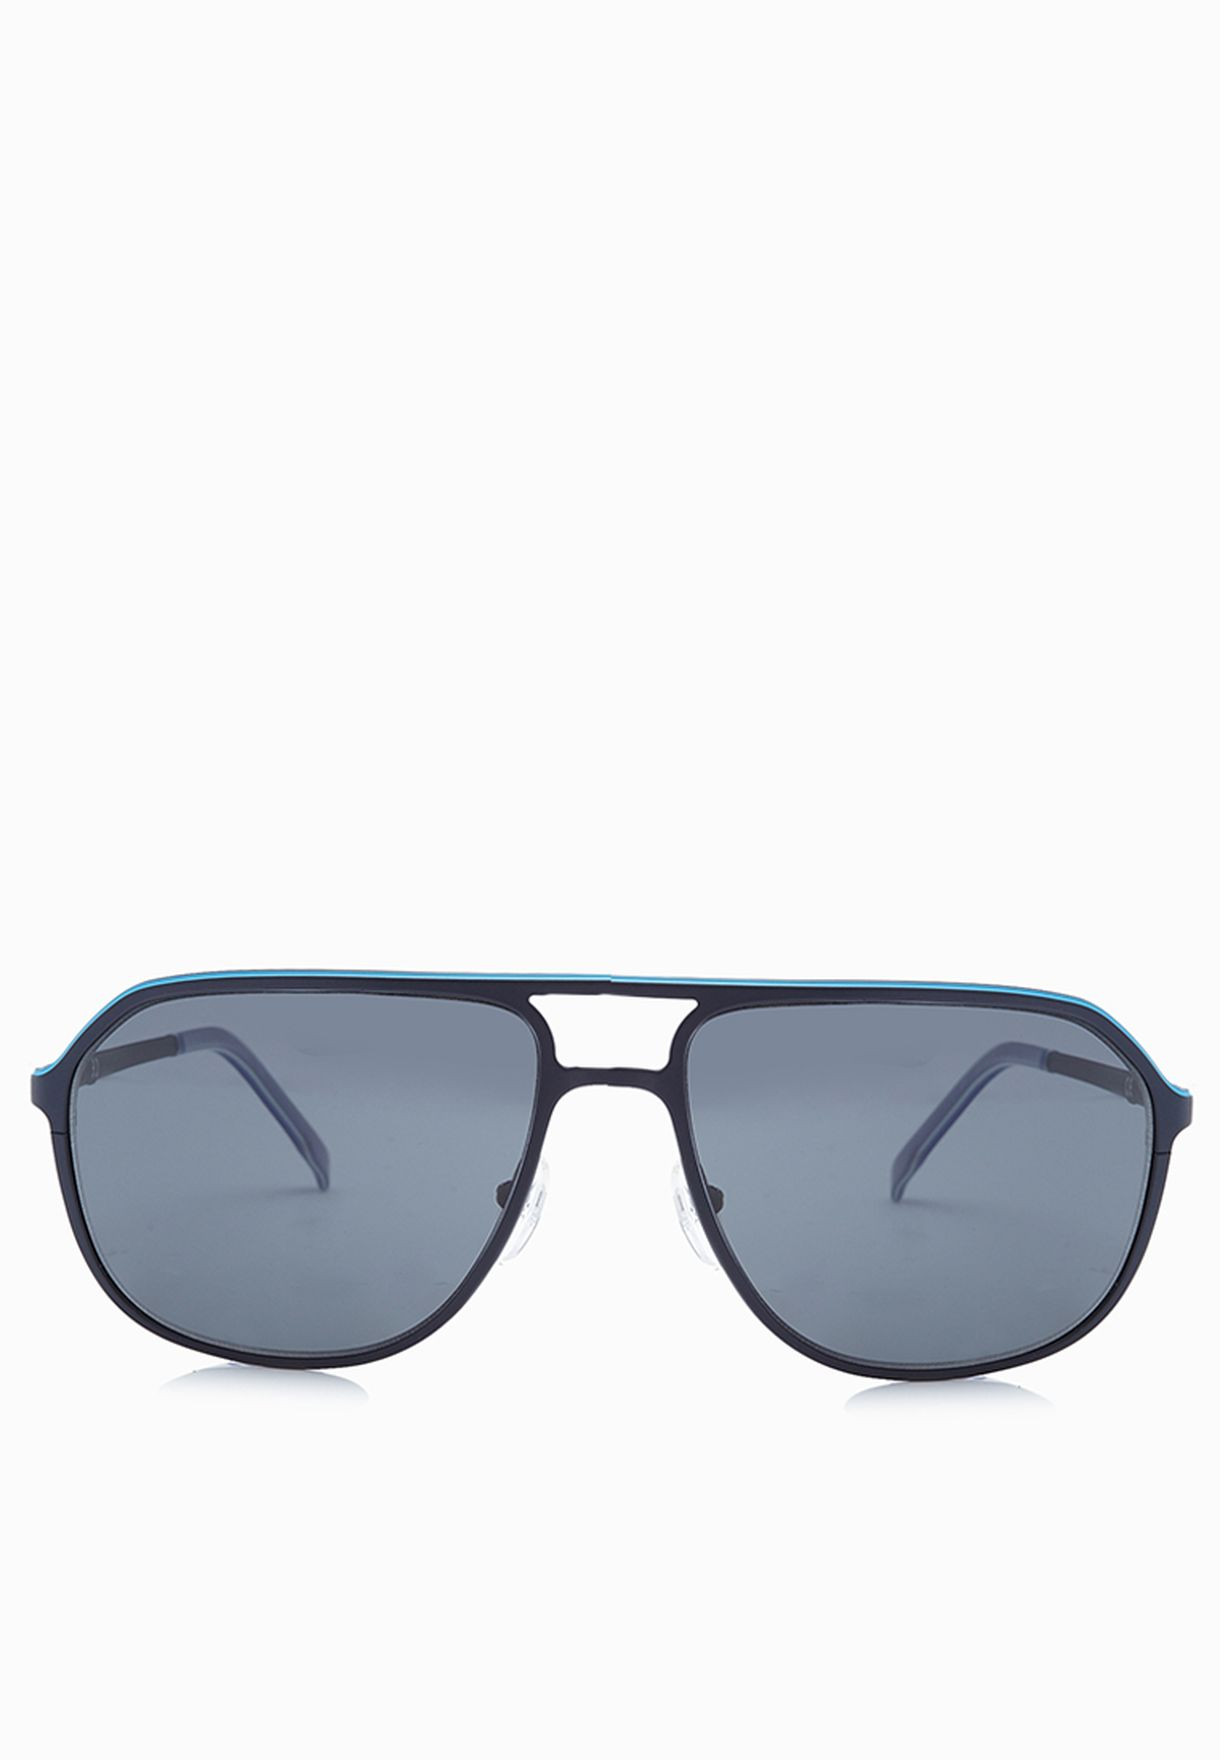 63b22d613 تسوق نظارة شسية افياتور ماركة لاكوست لون أسود L139SP-424 في قطر ...